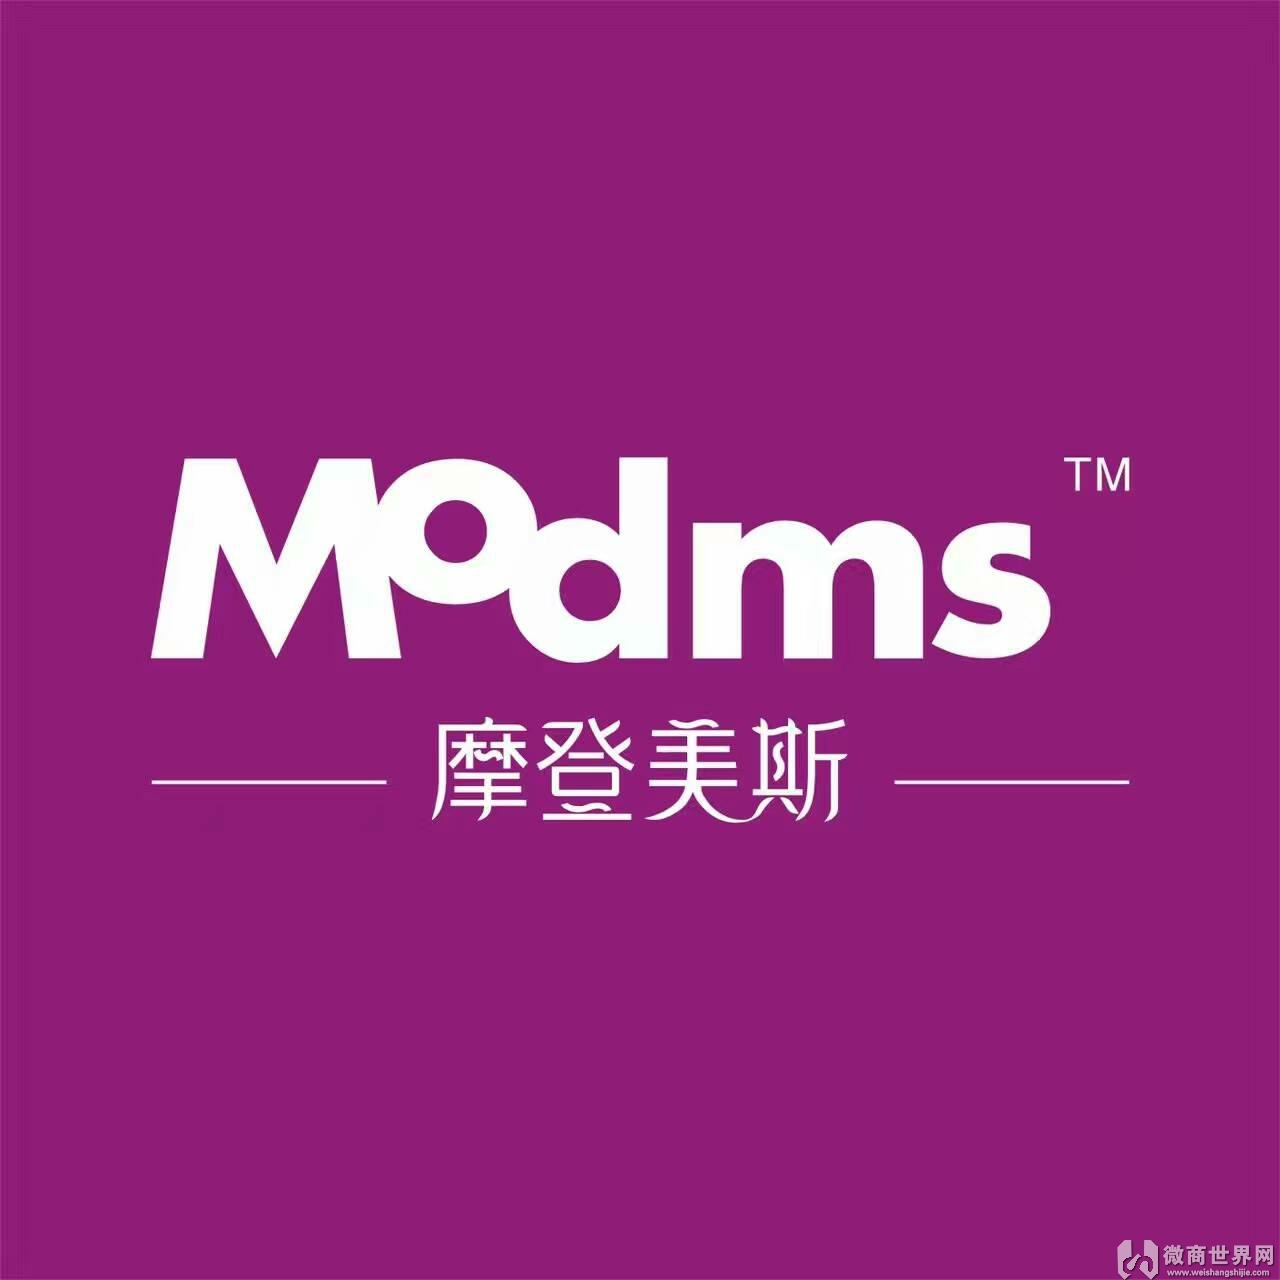 摩登美斯Modms